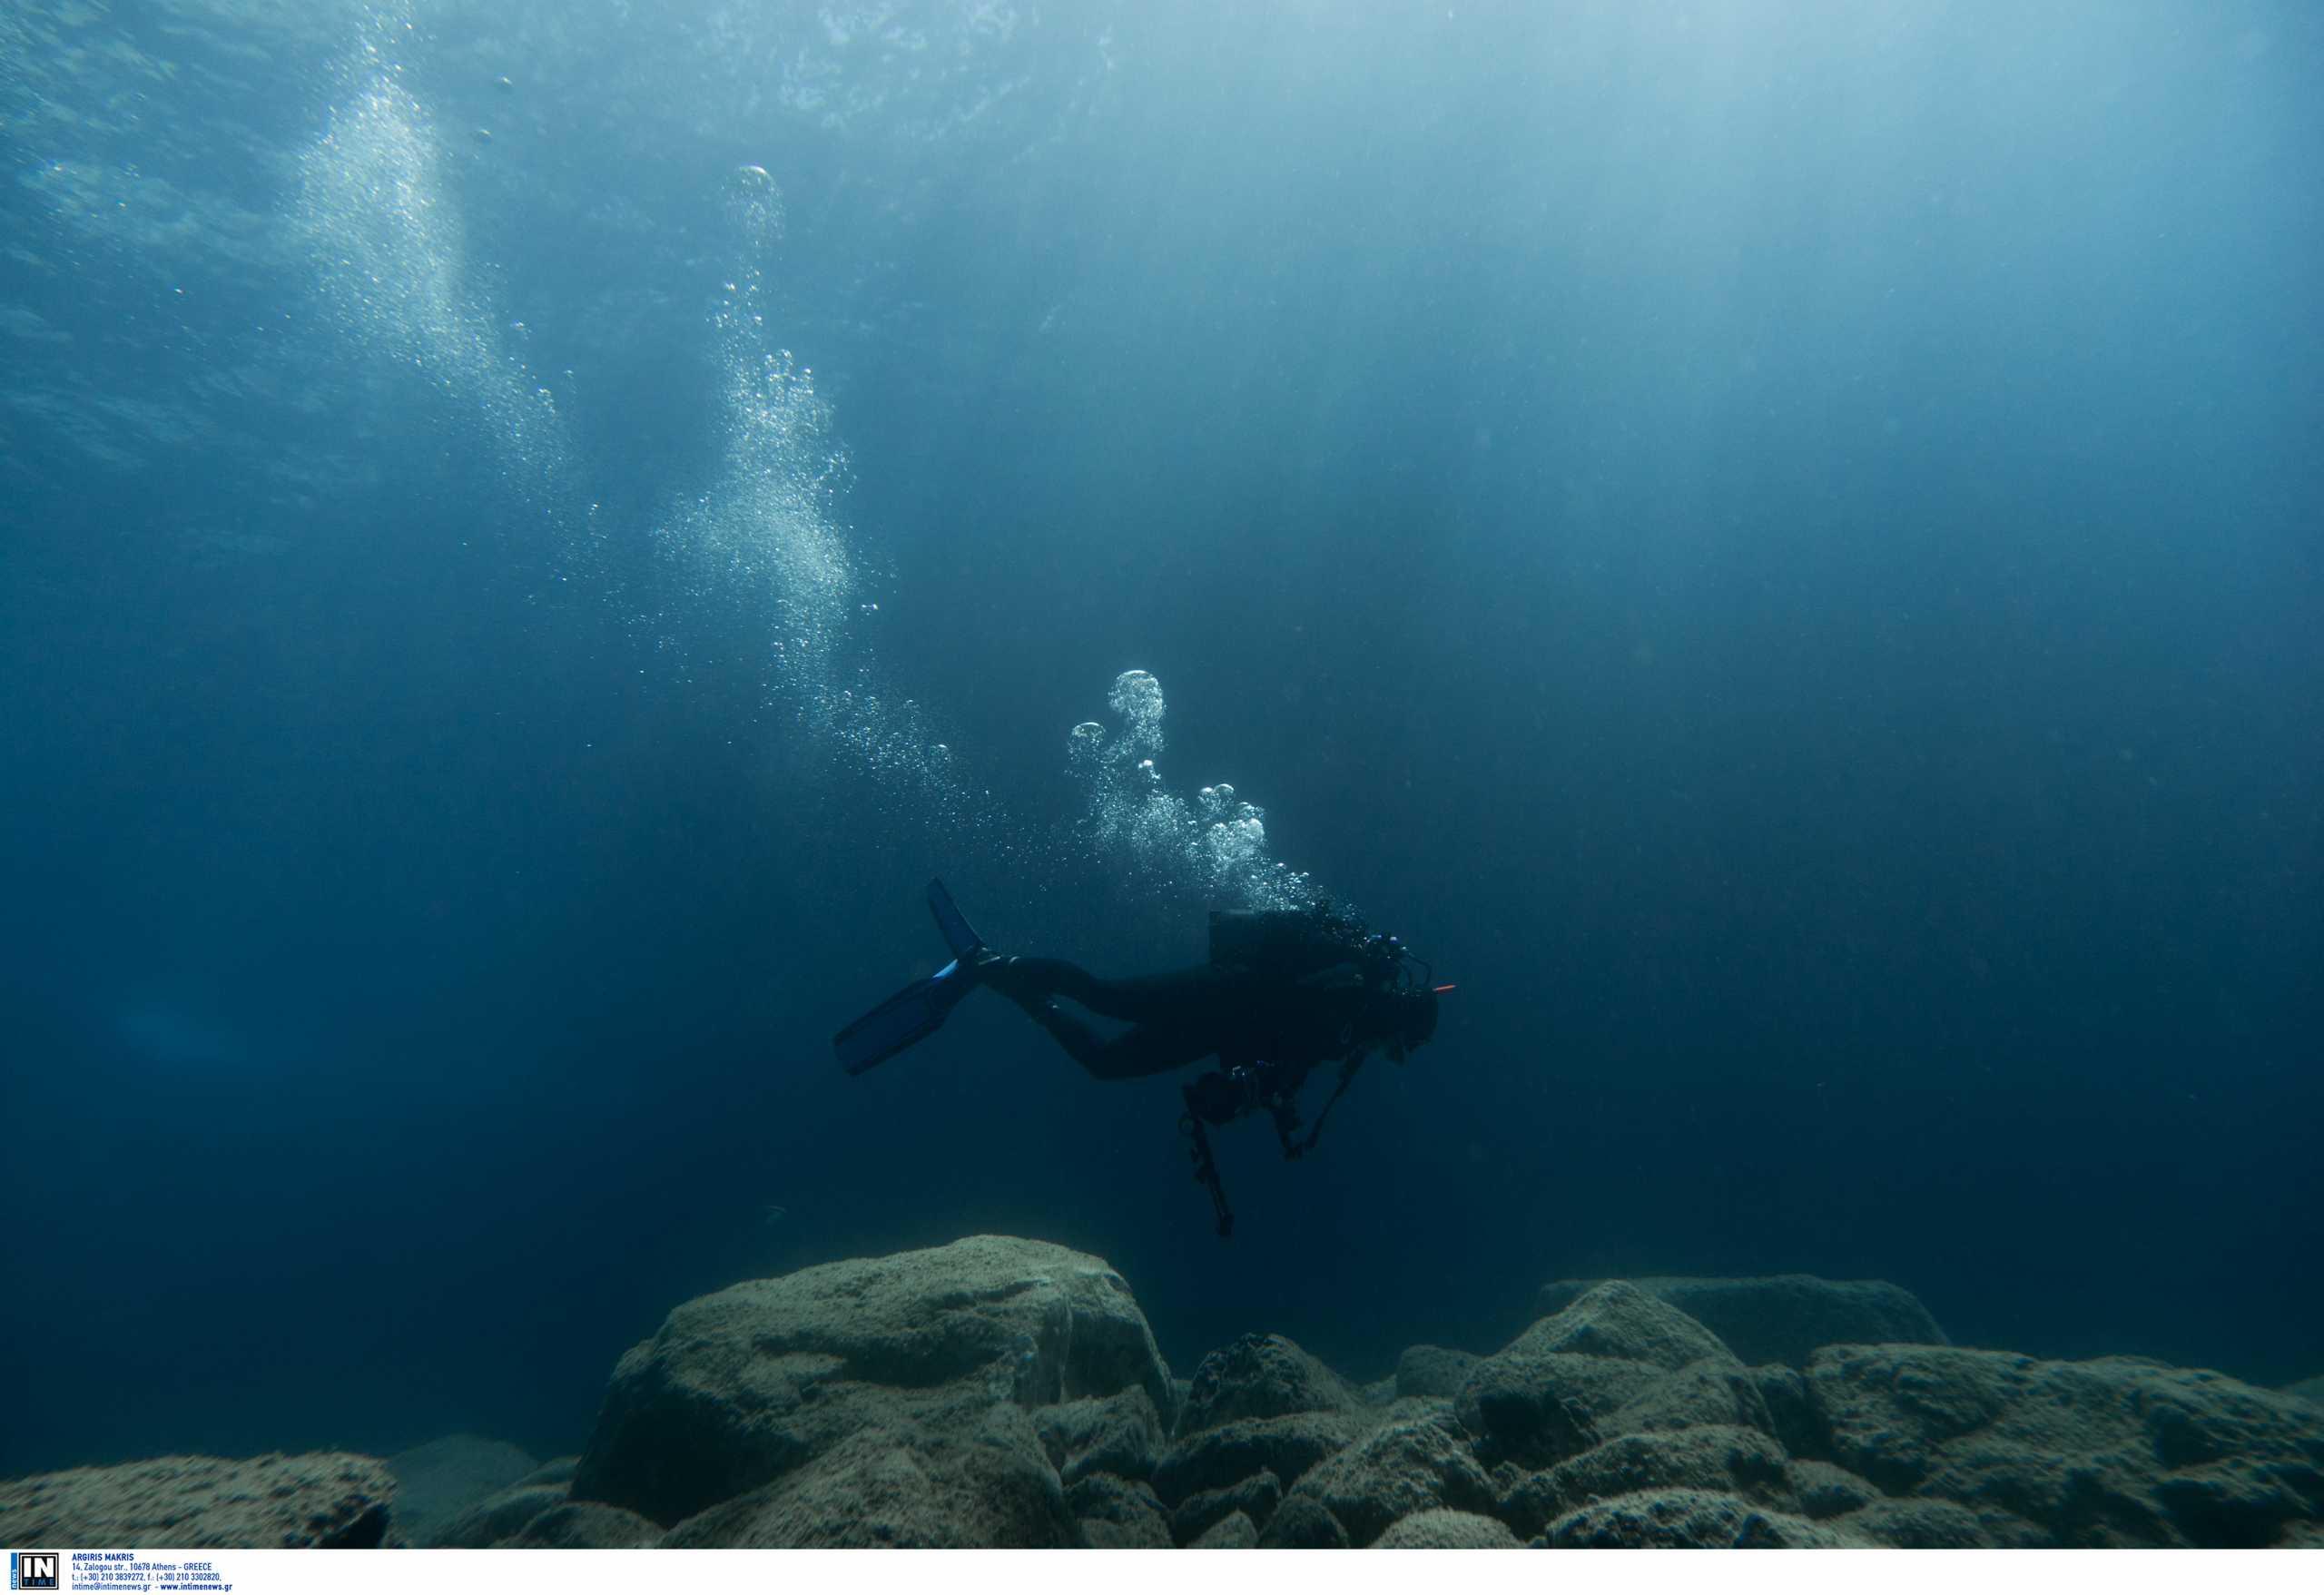 Σέρρες: Βατραχάνθρωποι του λιμενικού στις έρευνες για τον αγνοούμενο ψαρά